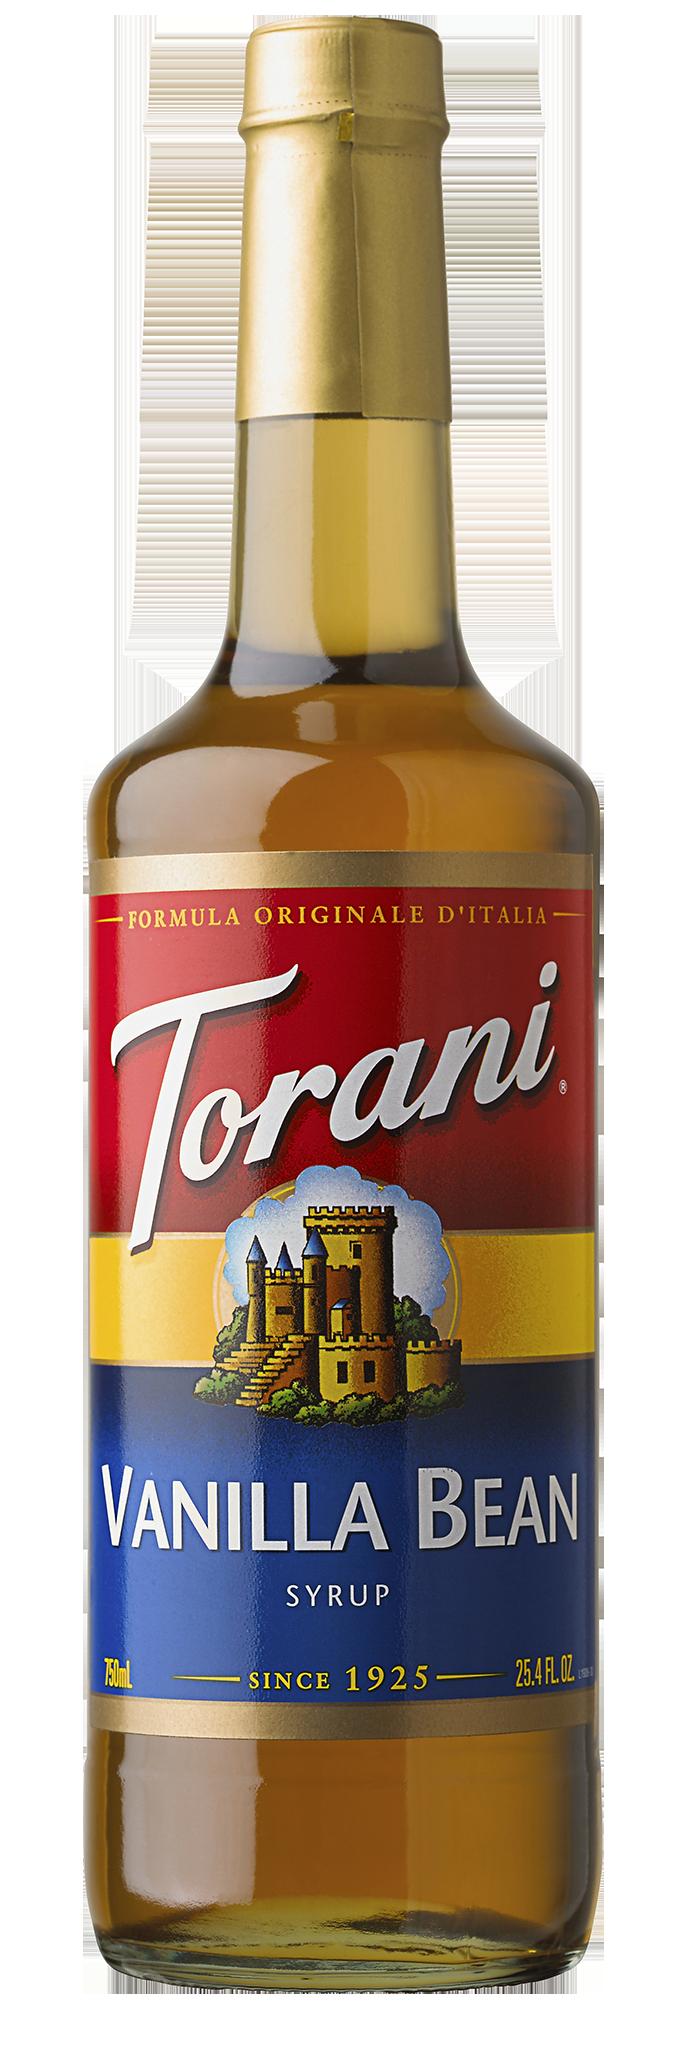 Vanilla Bean Syrup image